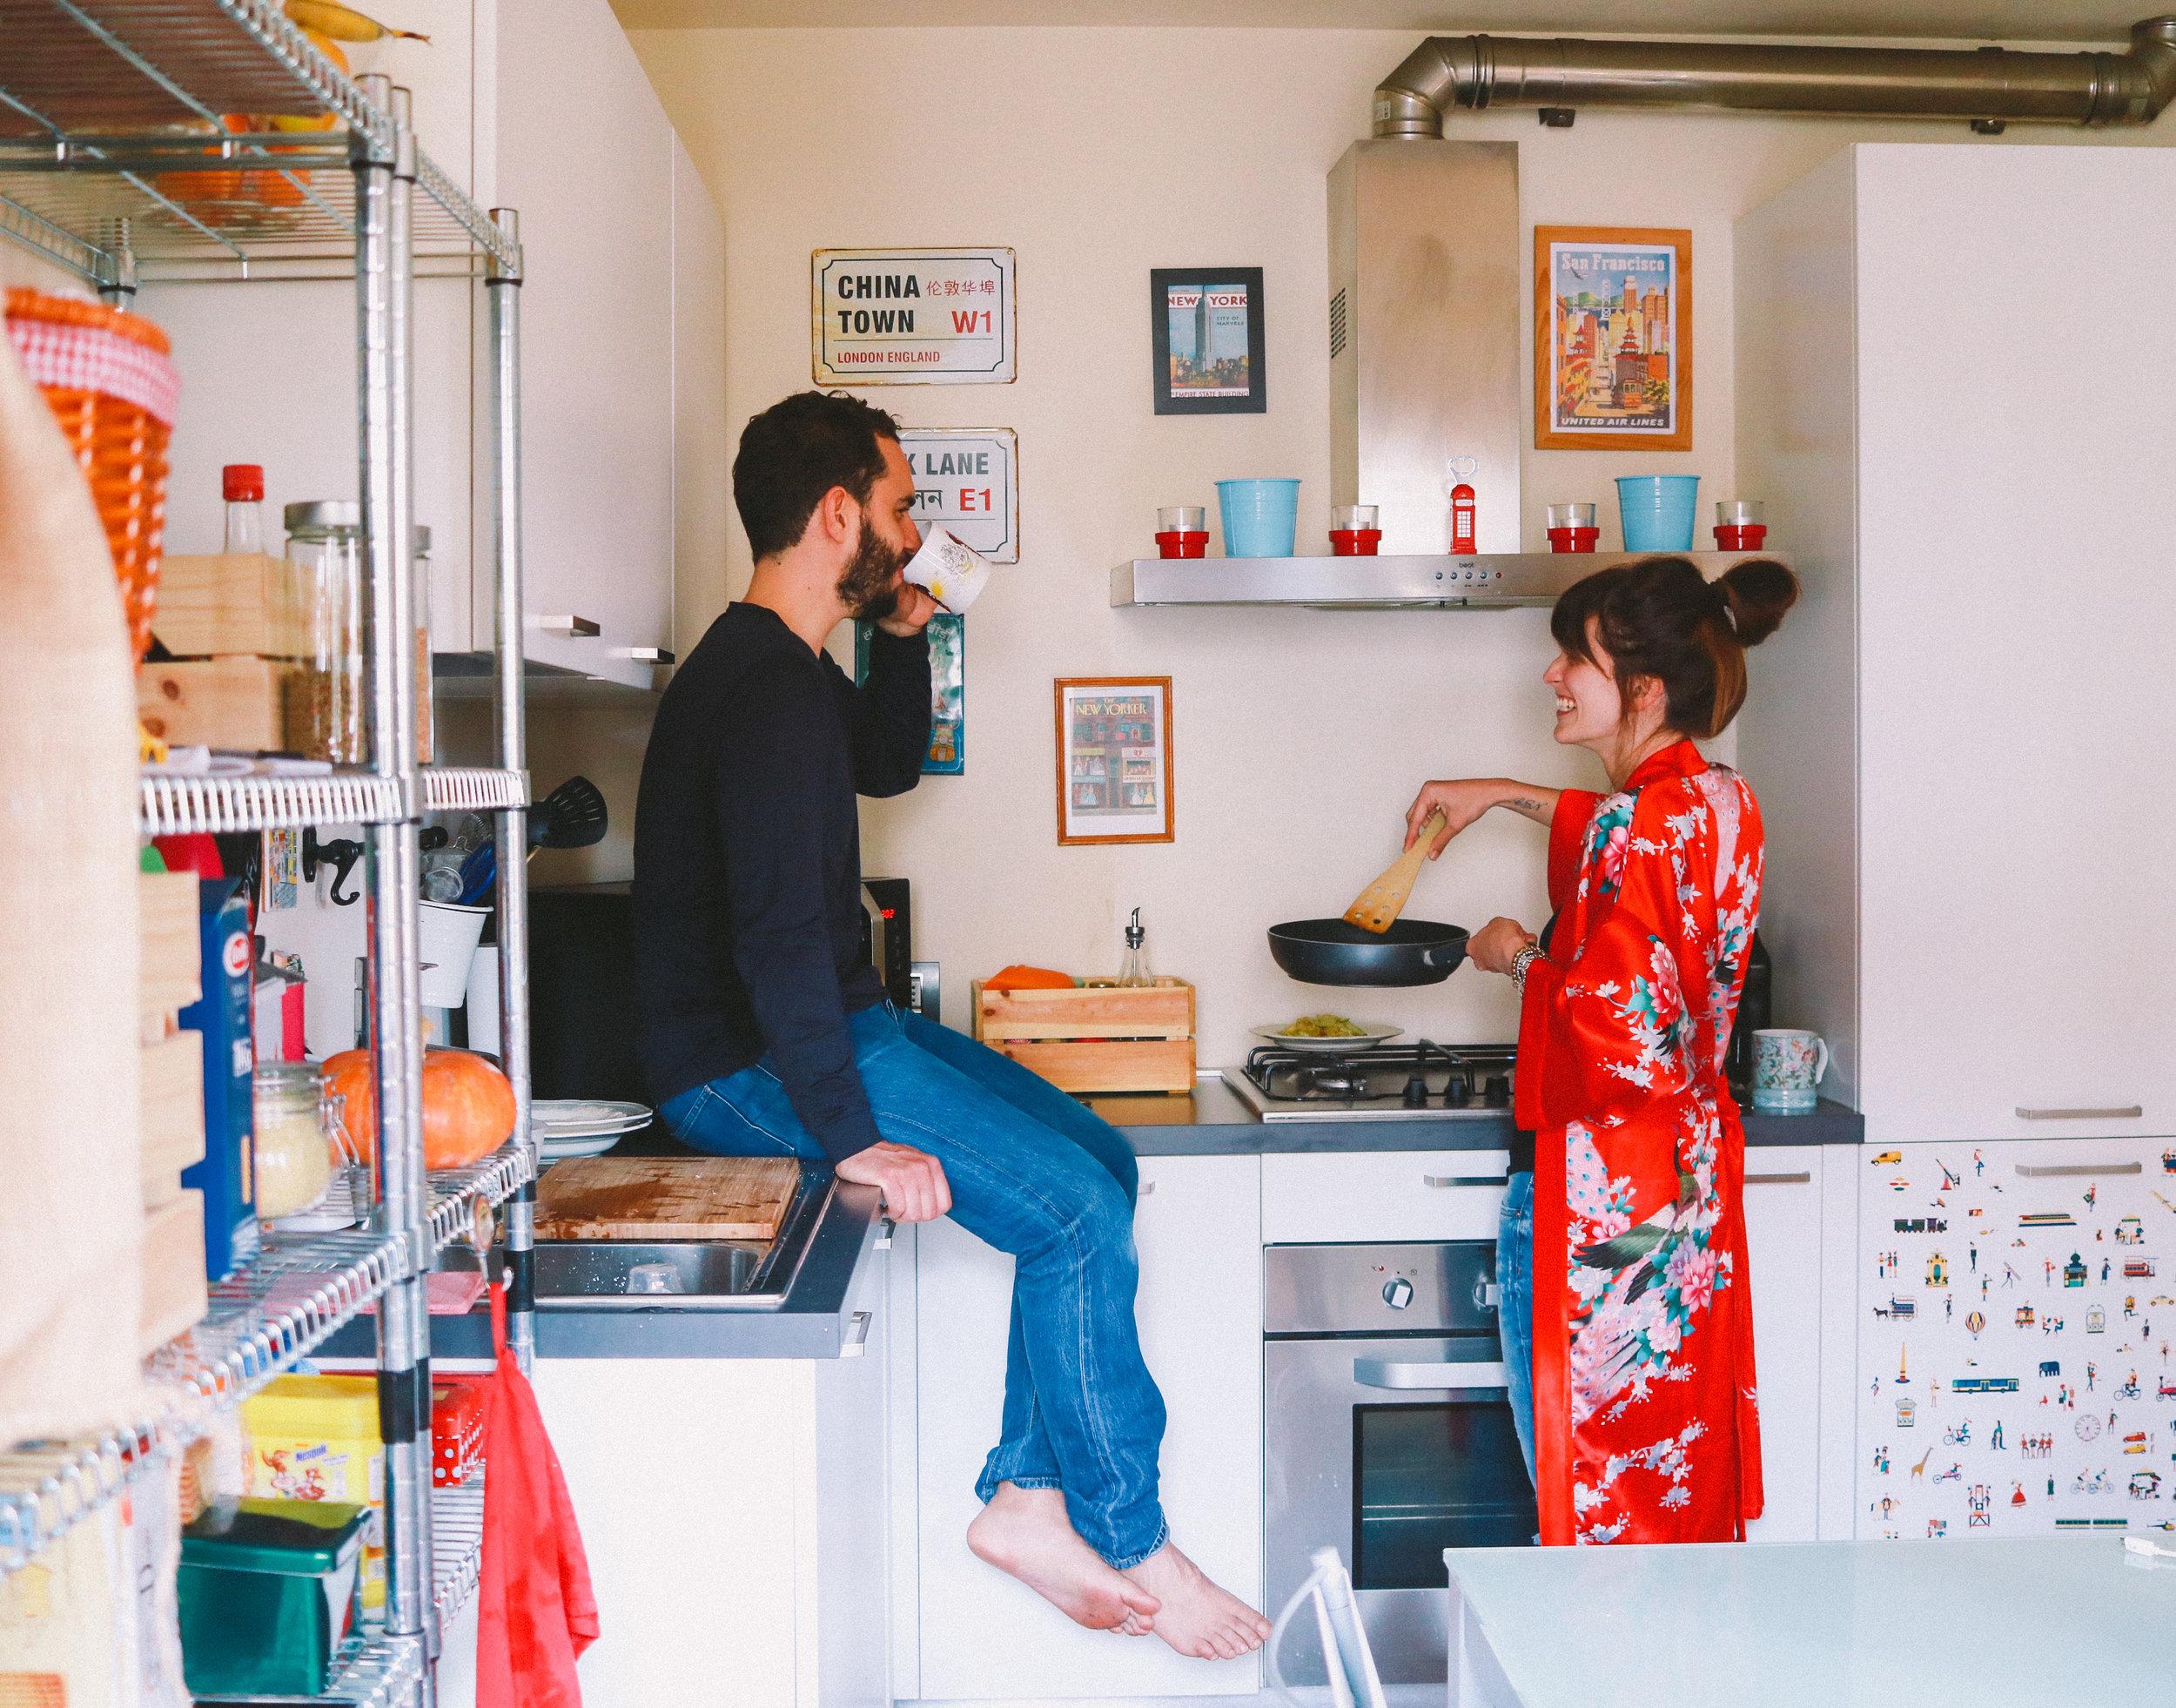 Coppia-Cucina-14.jpg